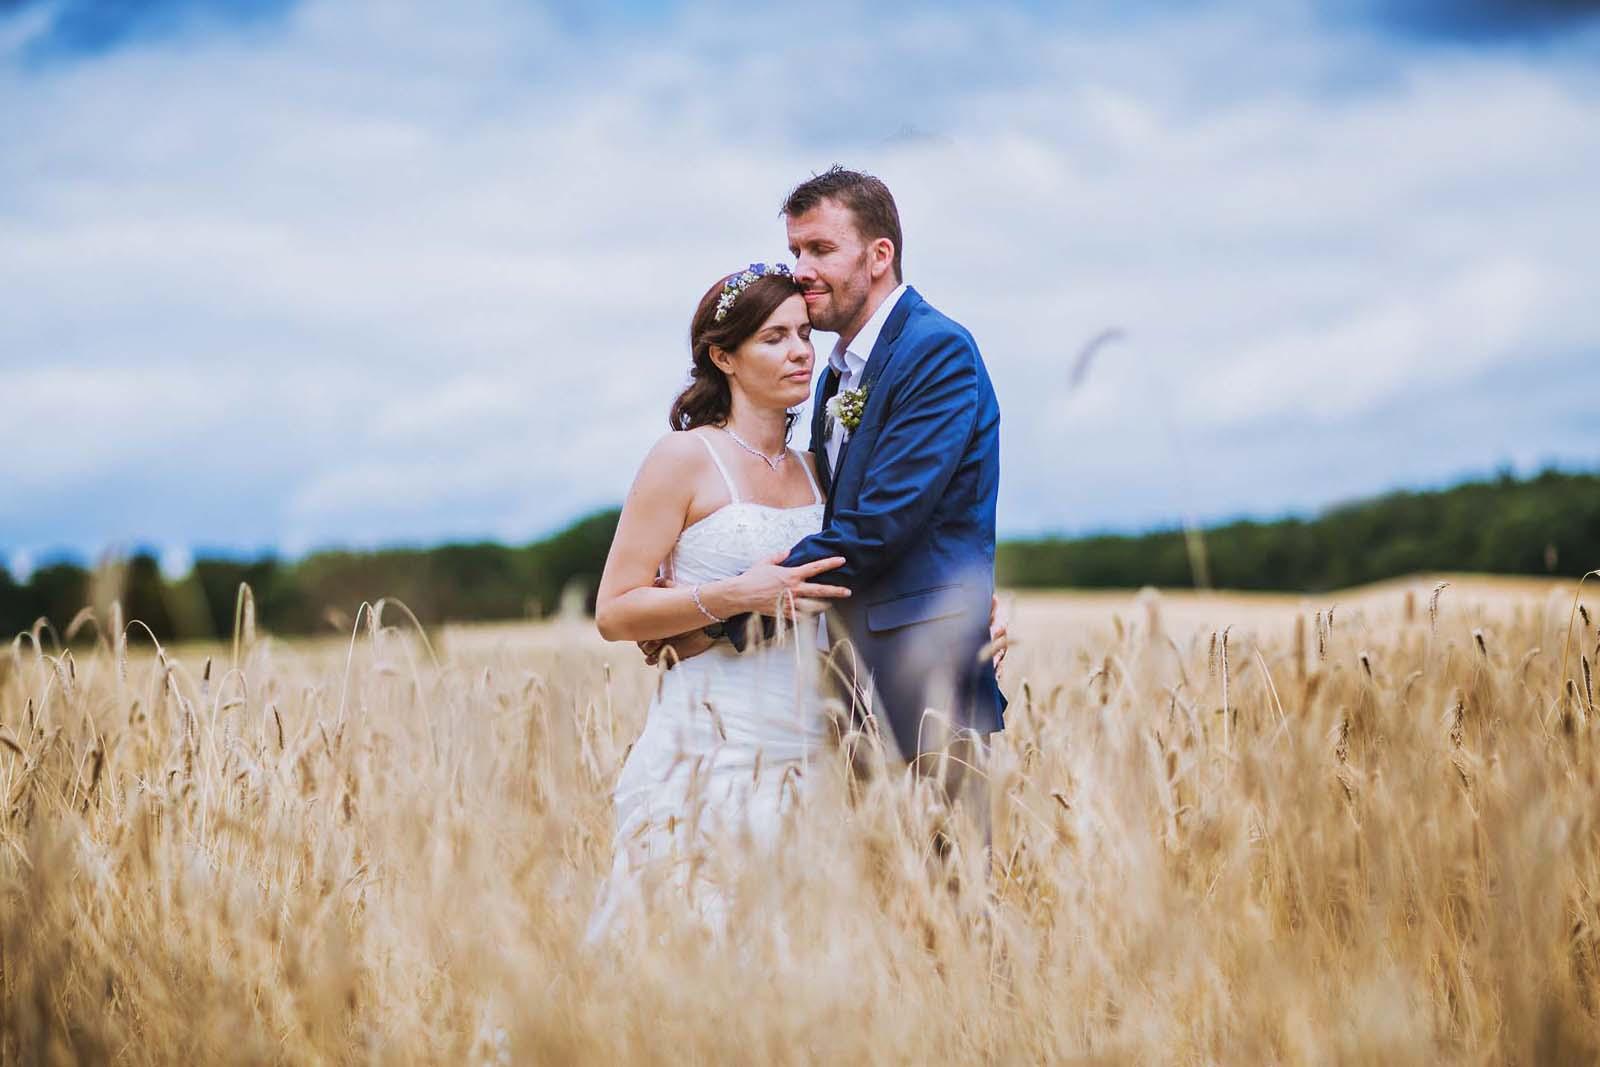 Professioneller Hochzeitsfotograf fotografiert ein Brautpaar im Weizenfeld Copyright by Hochzeitsfotograf www.berliner-hochzeitsfotografie.de